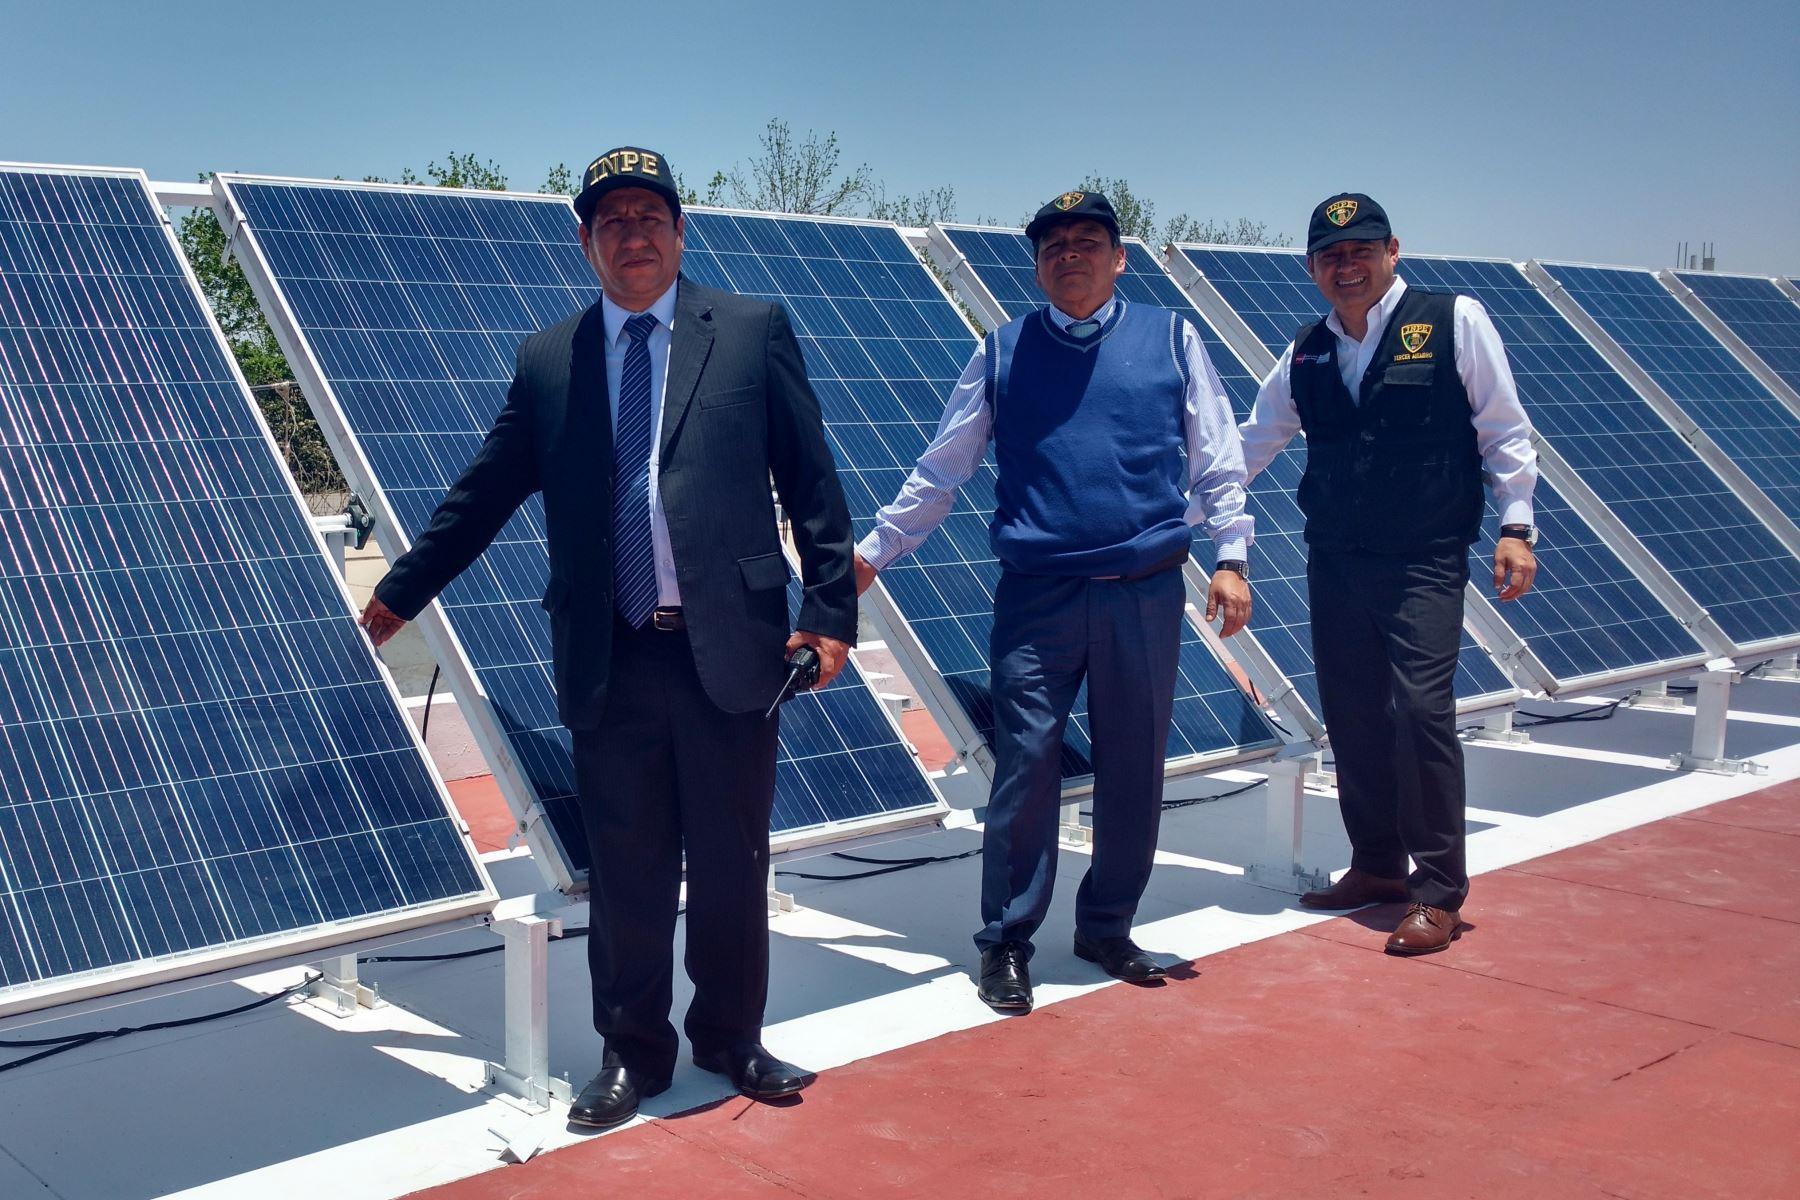 Penal de Ica se convierte en primer establecimiento penitenciario que emplea energía solar.Foto:  ANDINA/Difusión